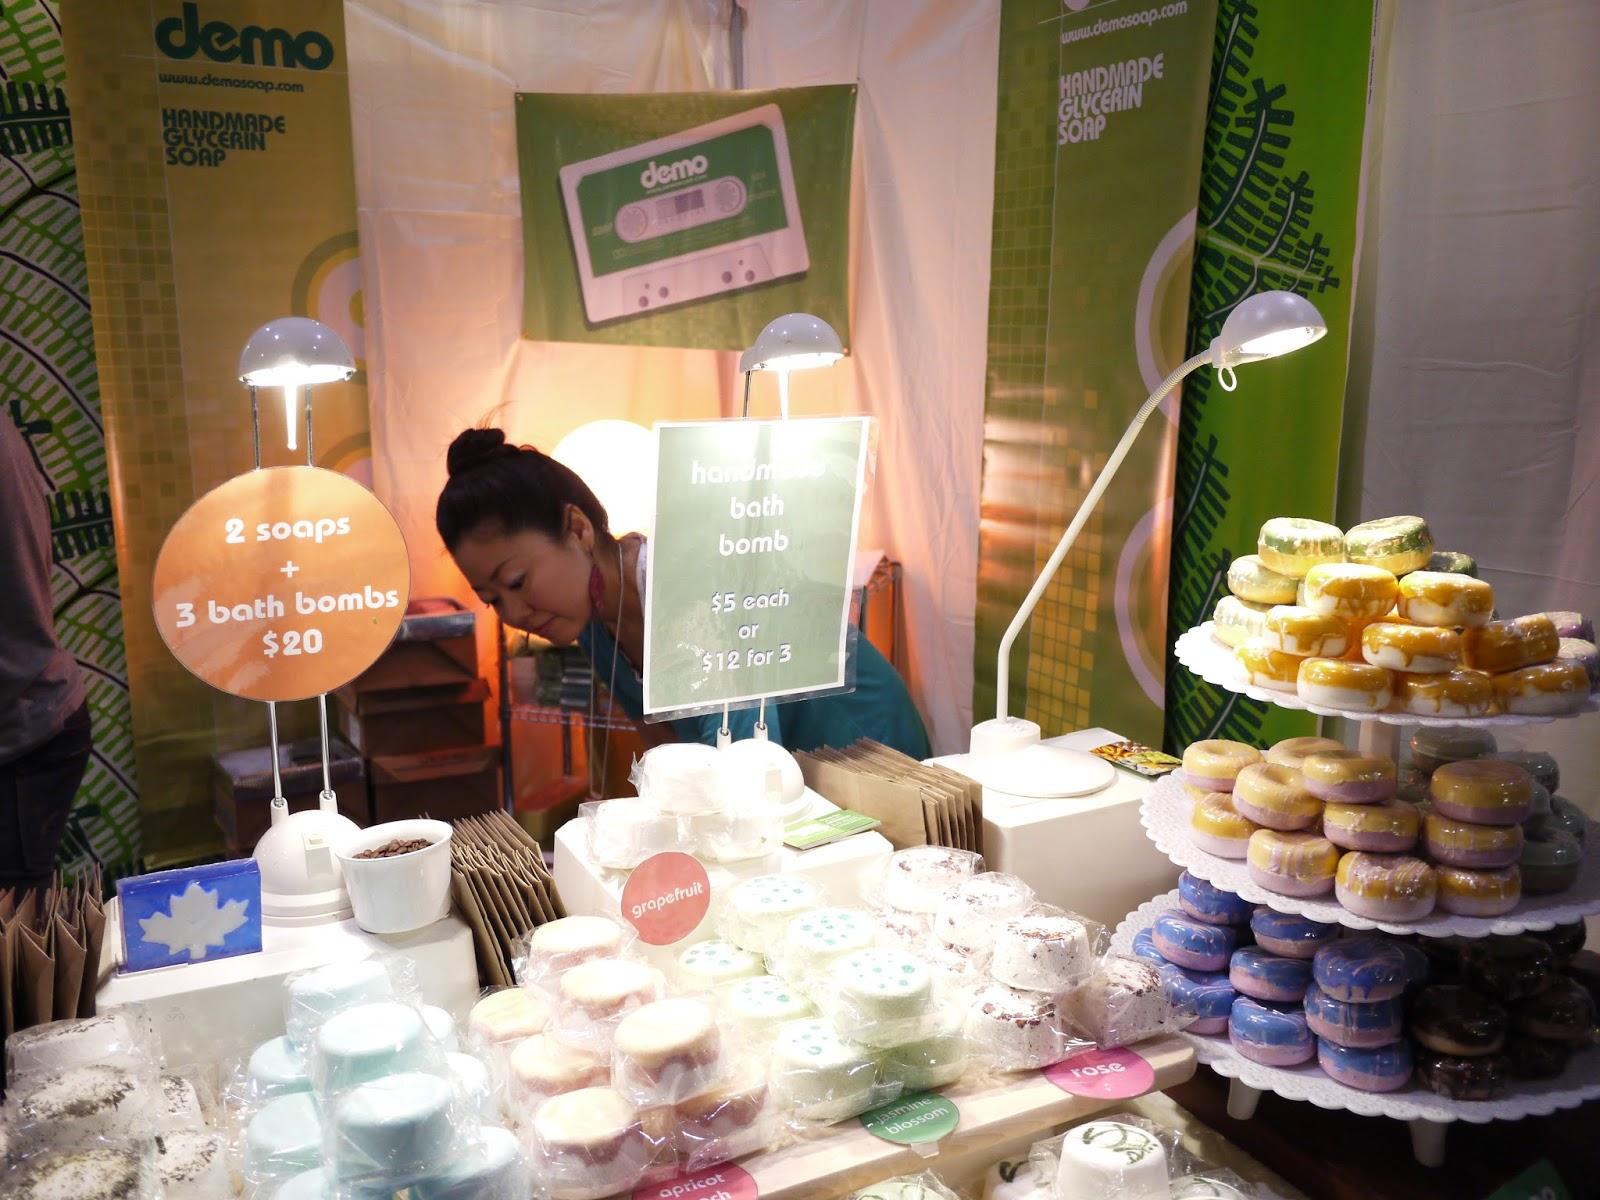 demo soaps